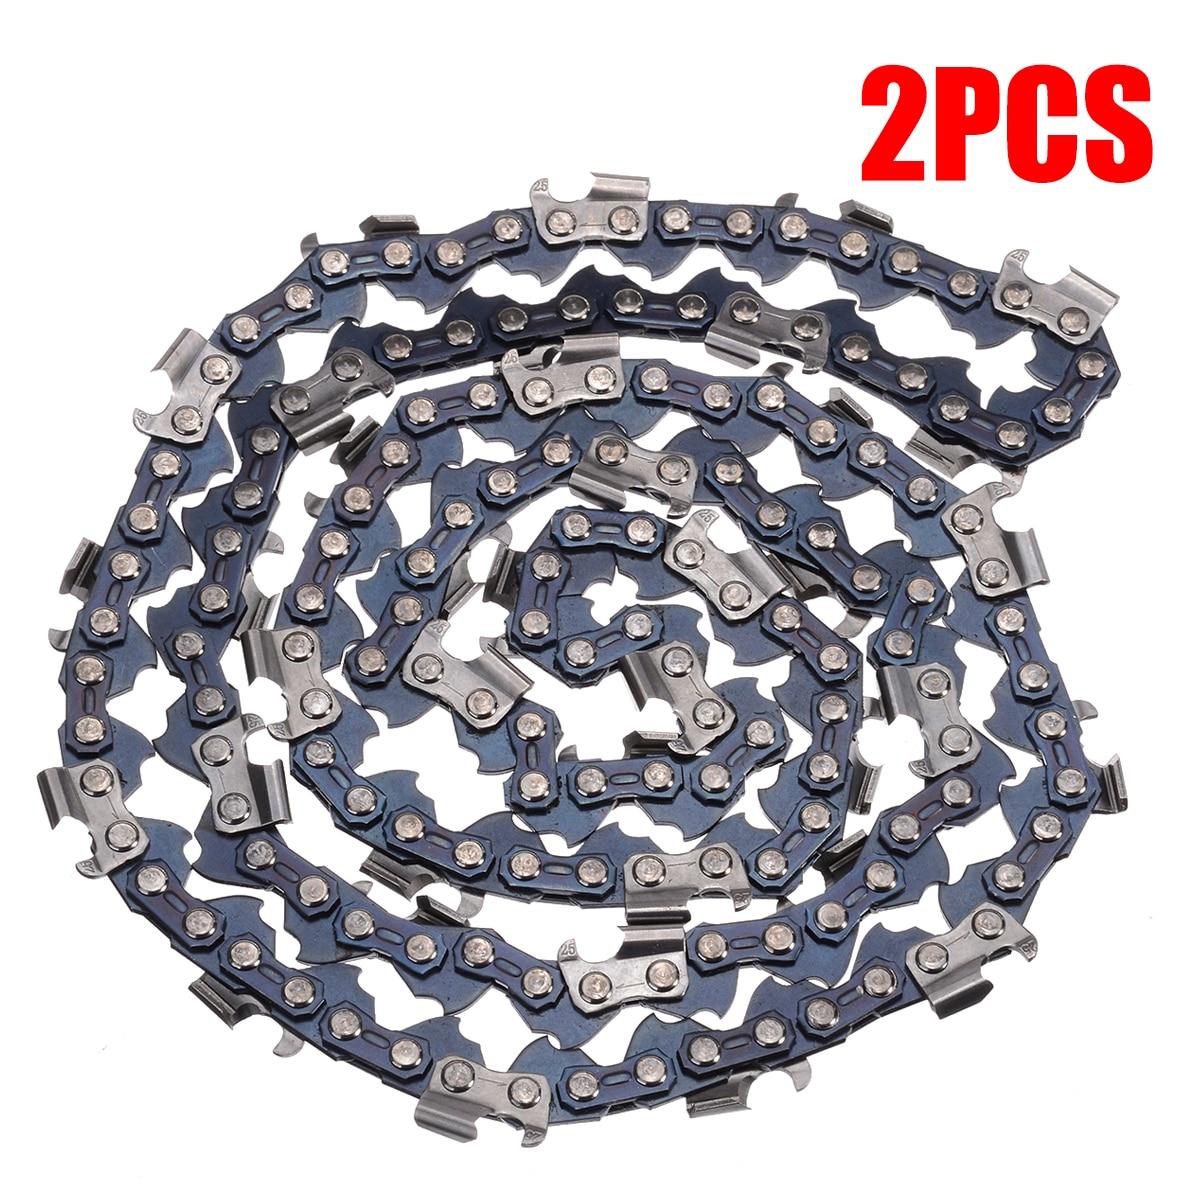 2 قطعة بالمنشار المنشار 20 '76 محرك الروابط استبدال مطحنة تمزيق سلسلة ل المحمولة سلسلة المنشار مطحنة قطع